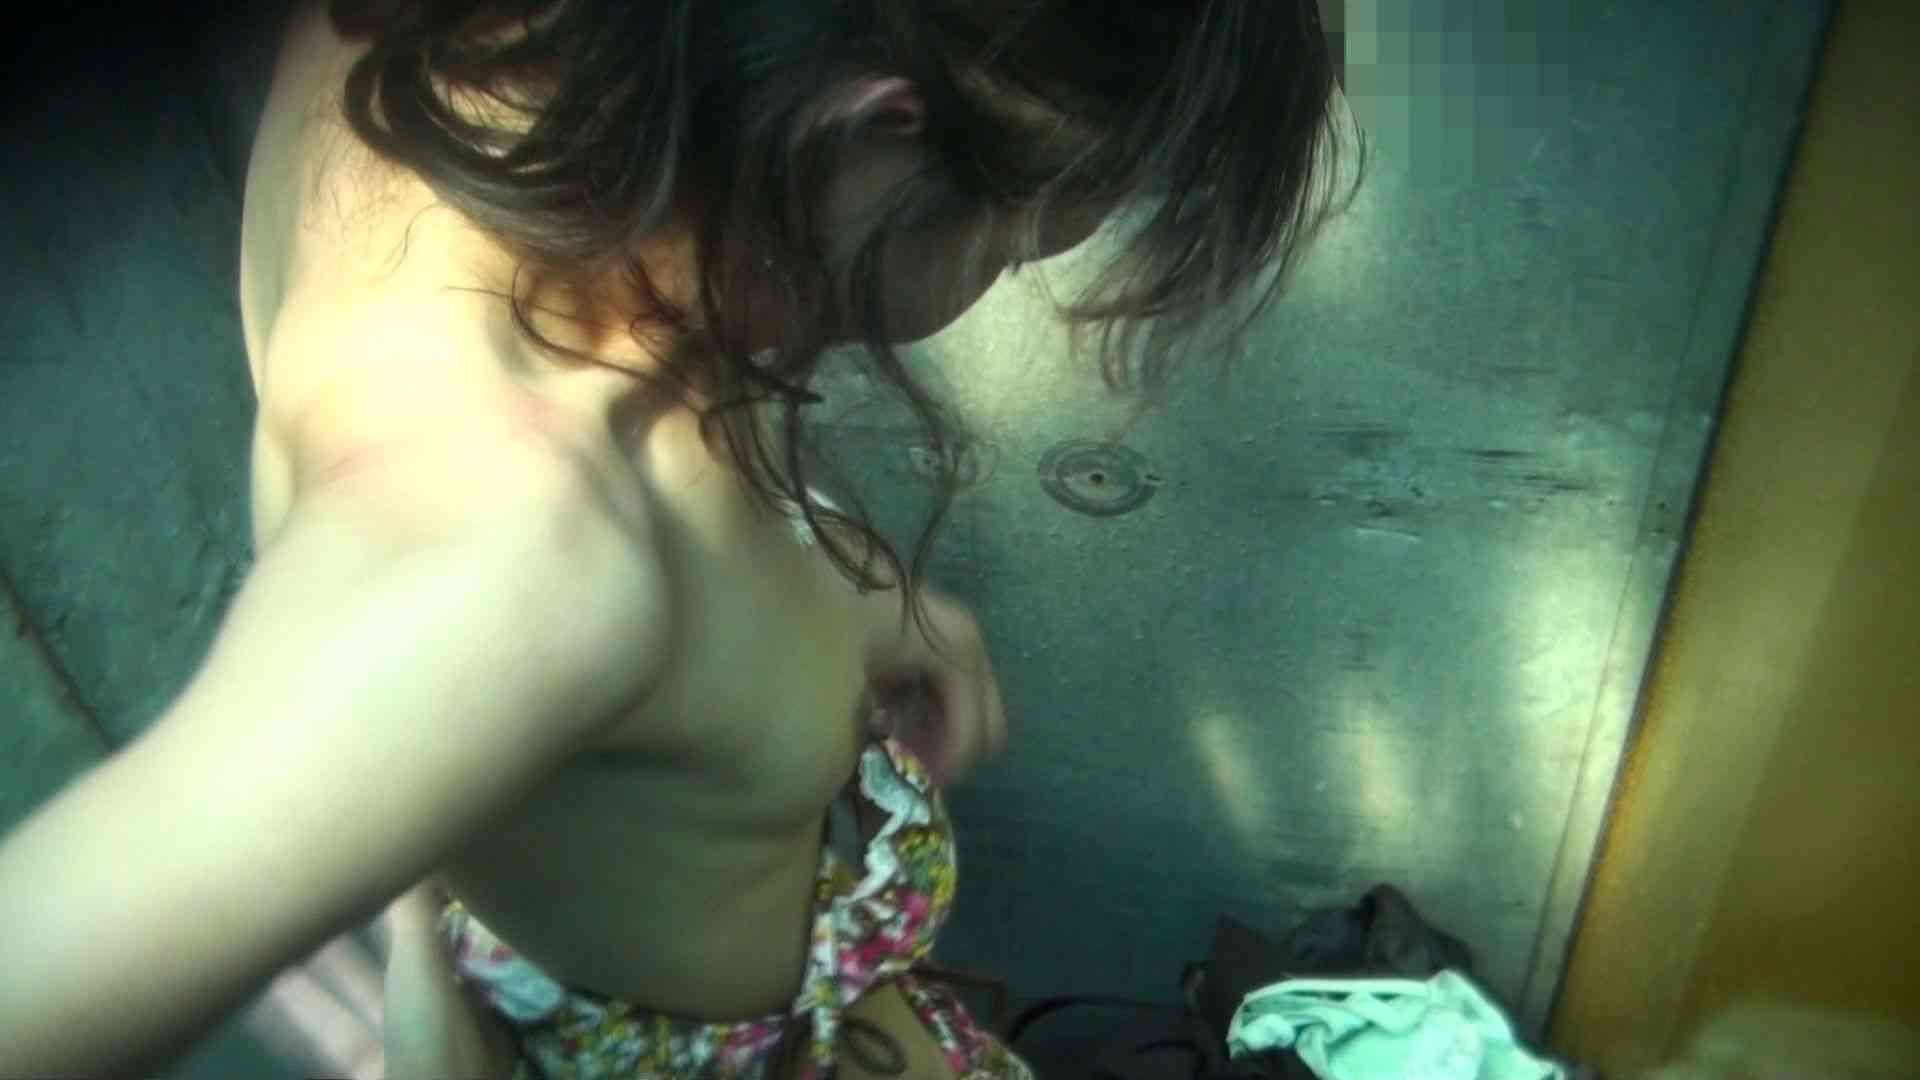 シャワールームは超!!危険な香りVol.16 意外に乳首は年増のそれ 高画質 のぞき濡れ場動画紹介 61pic 3